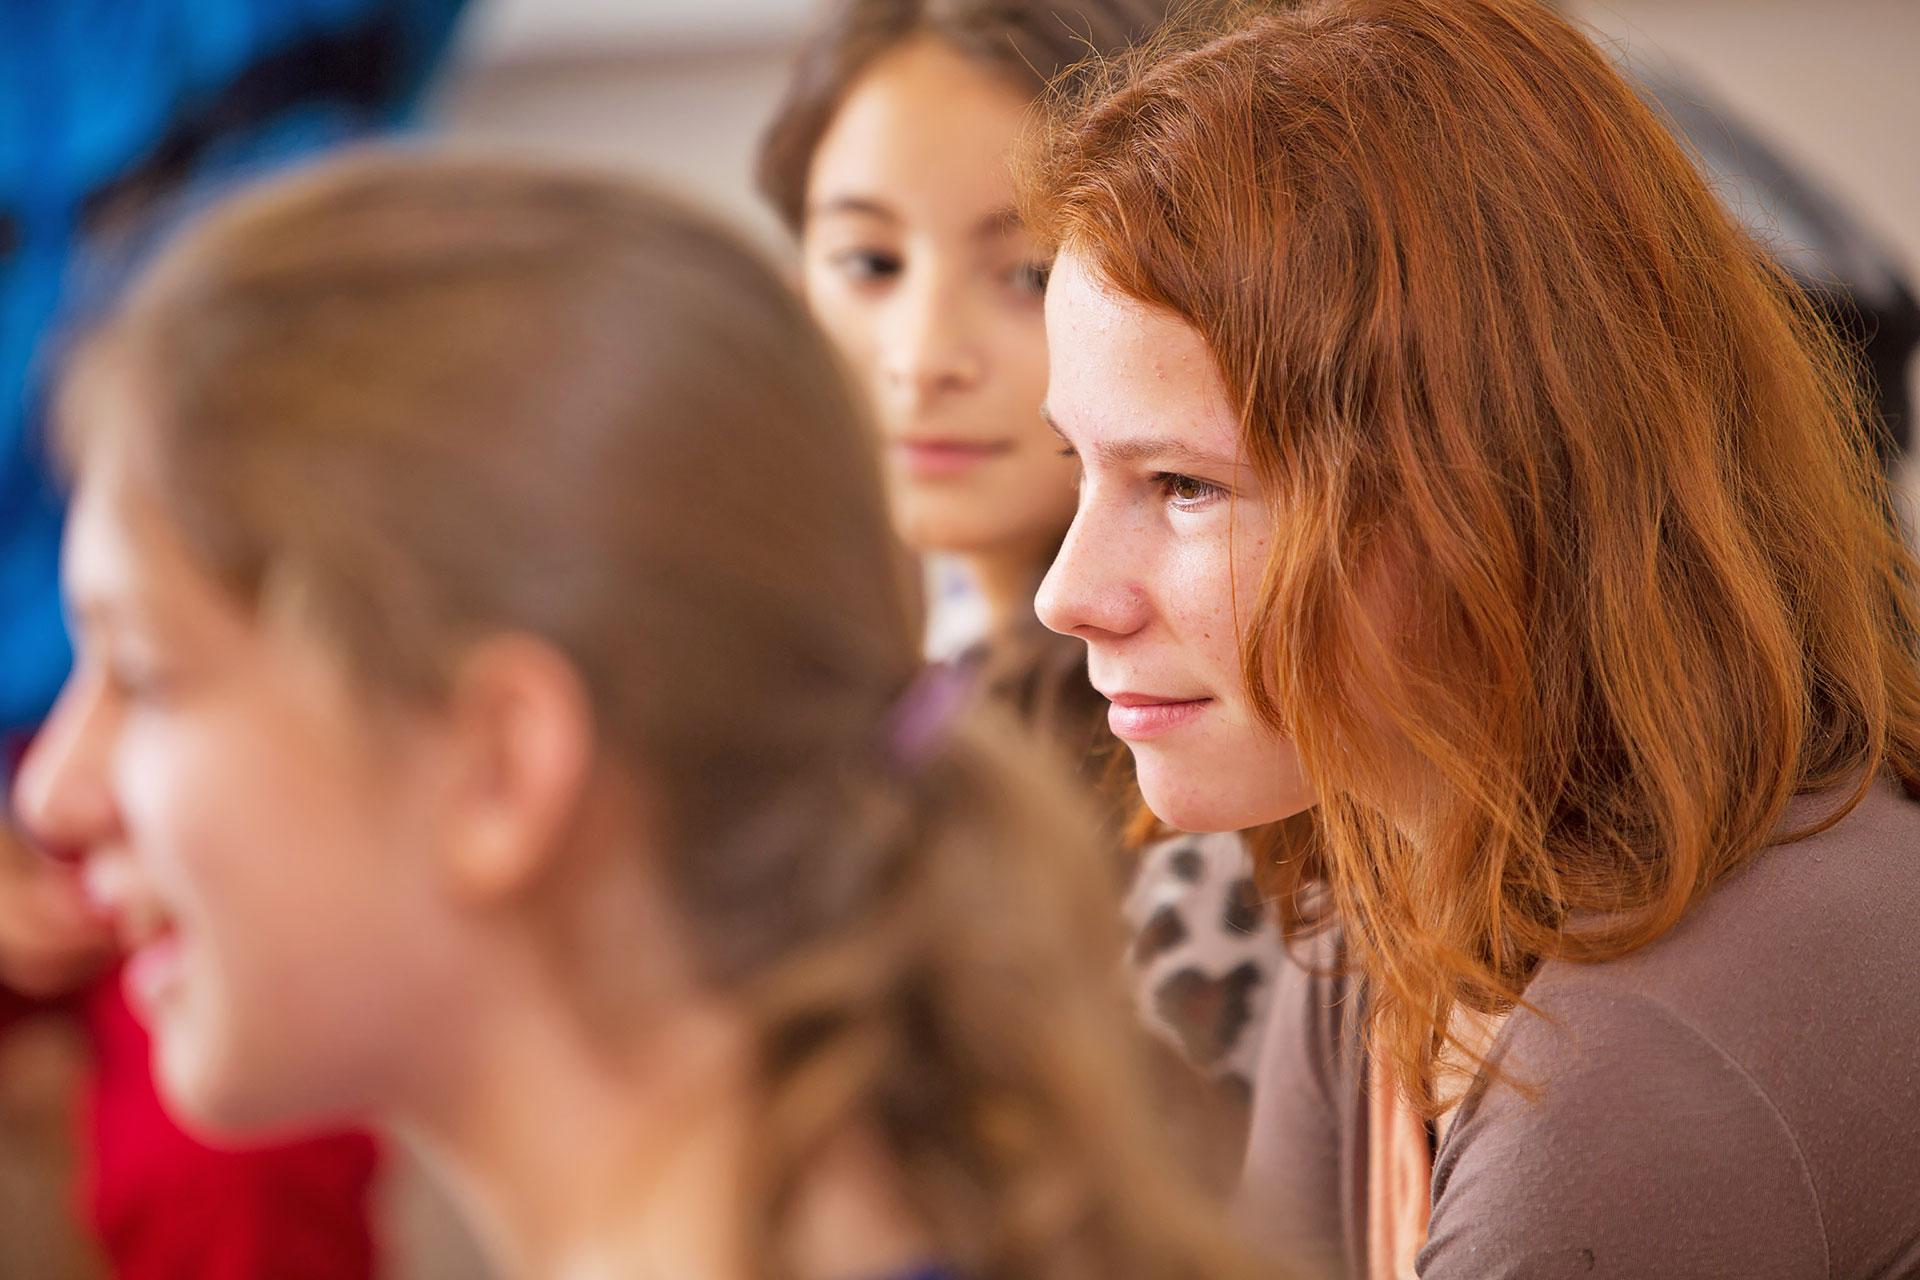 eine Schülerin hört aufmerksam zu